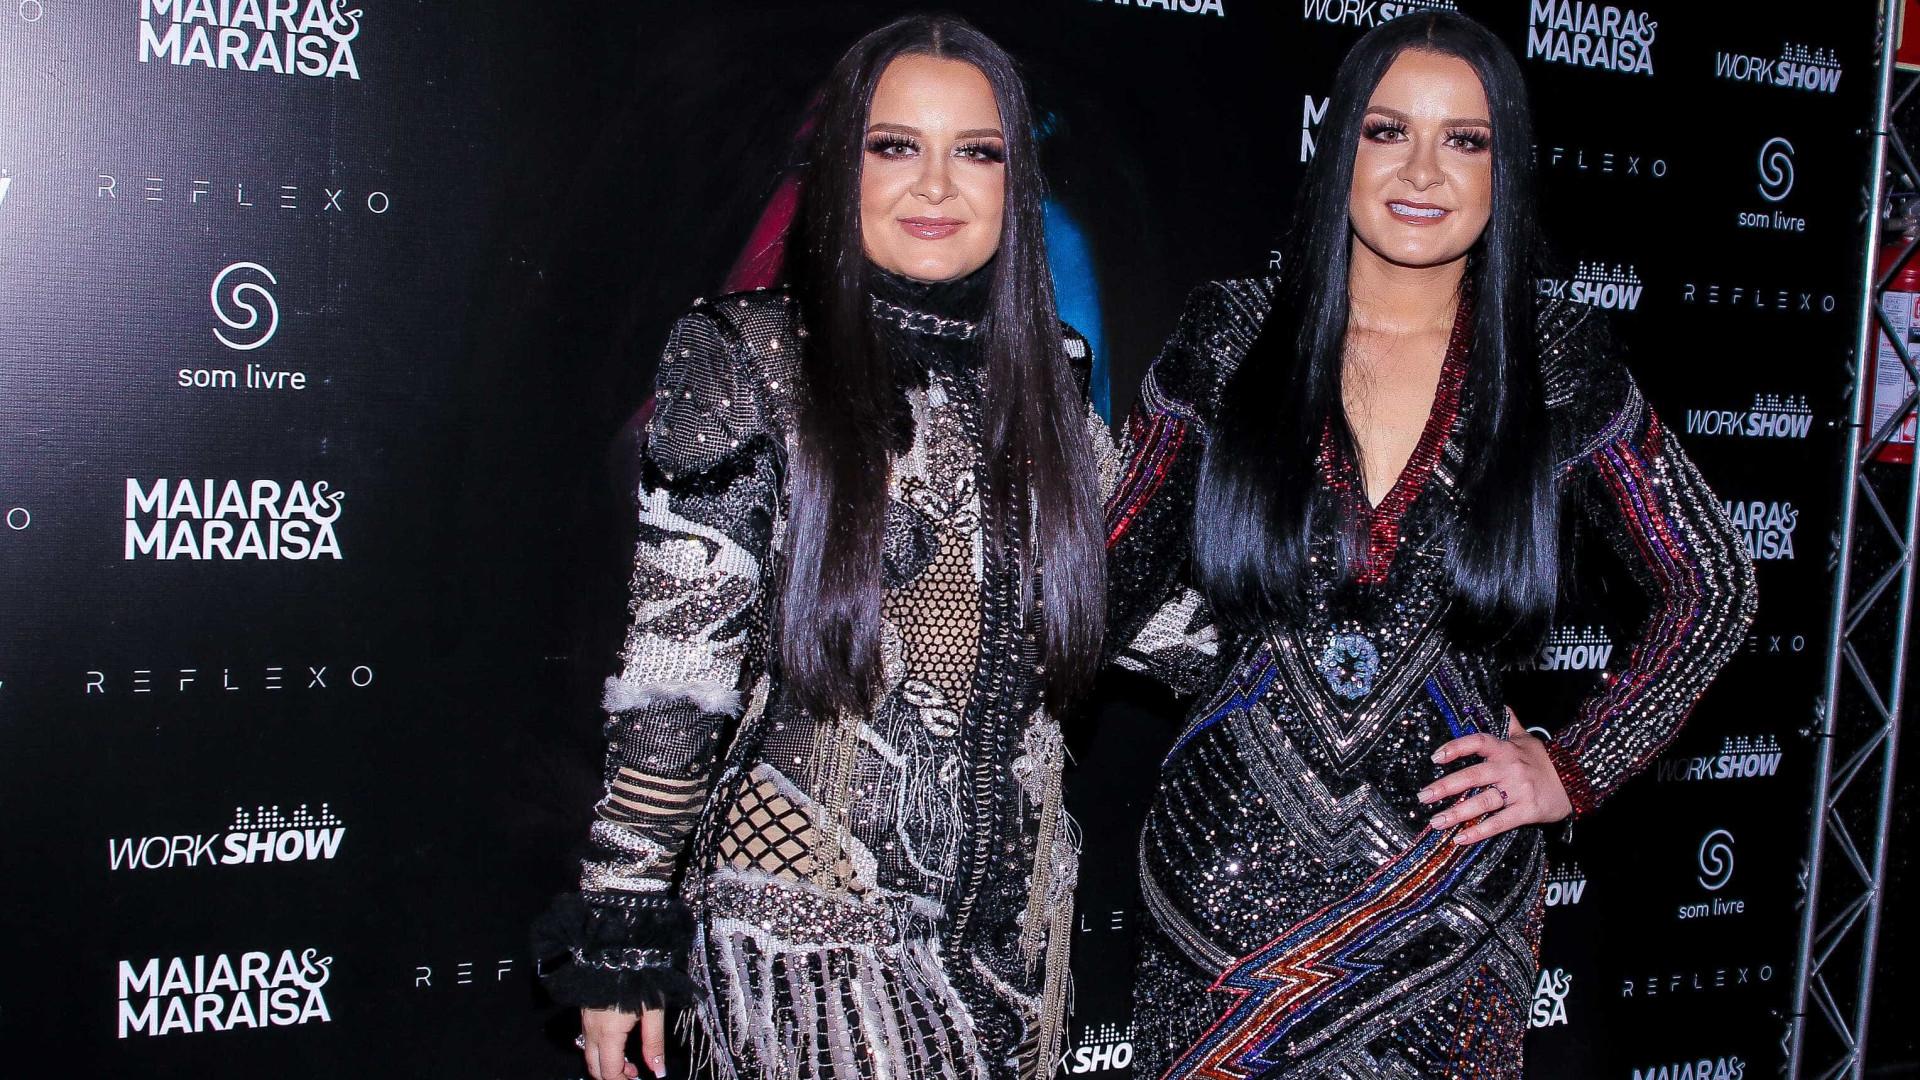 Preparando turnê, Maiara e Maraisa deixam fãs no 'controle' de shows